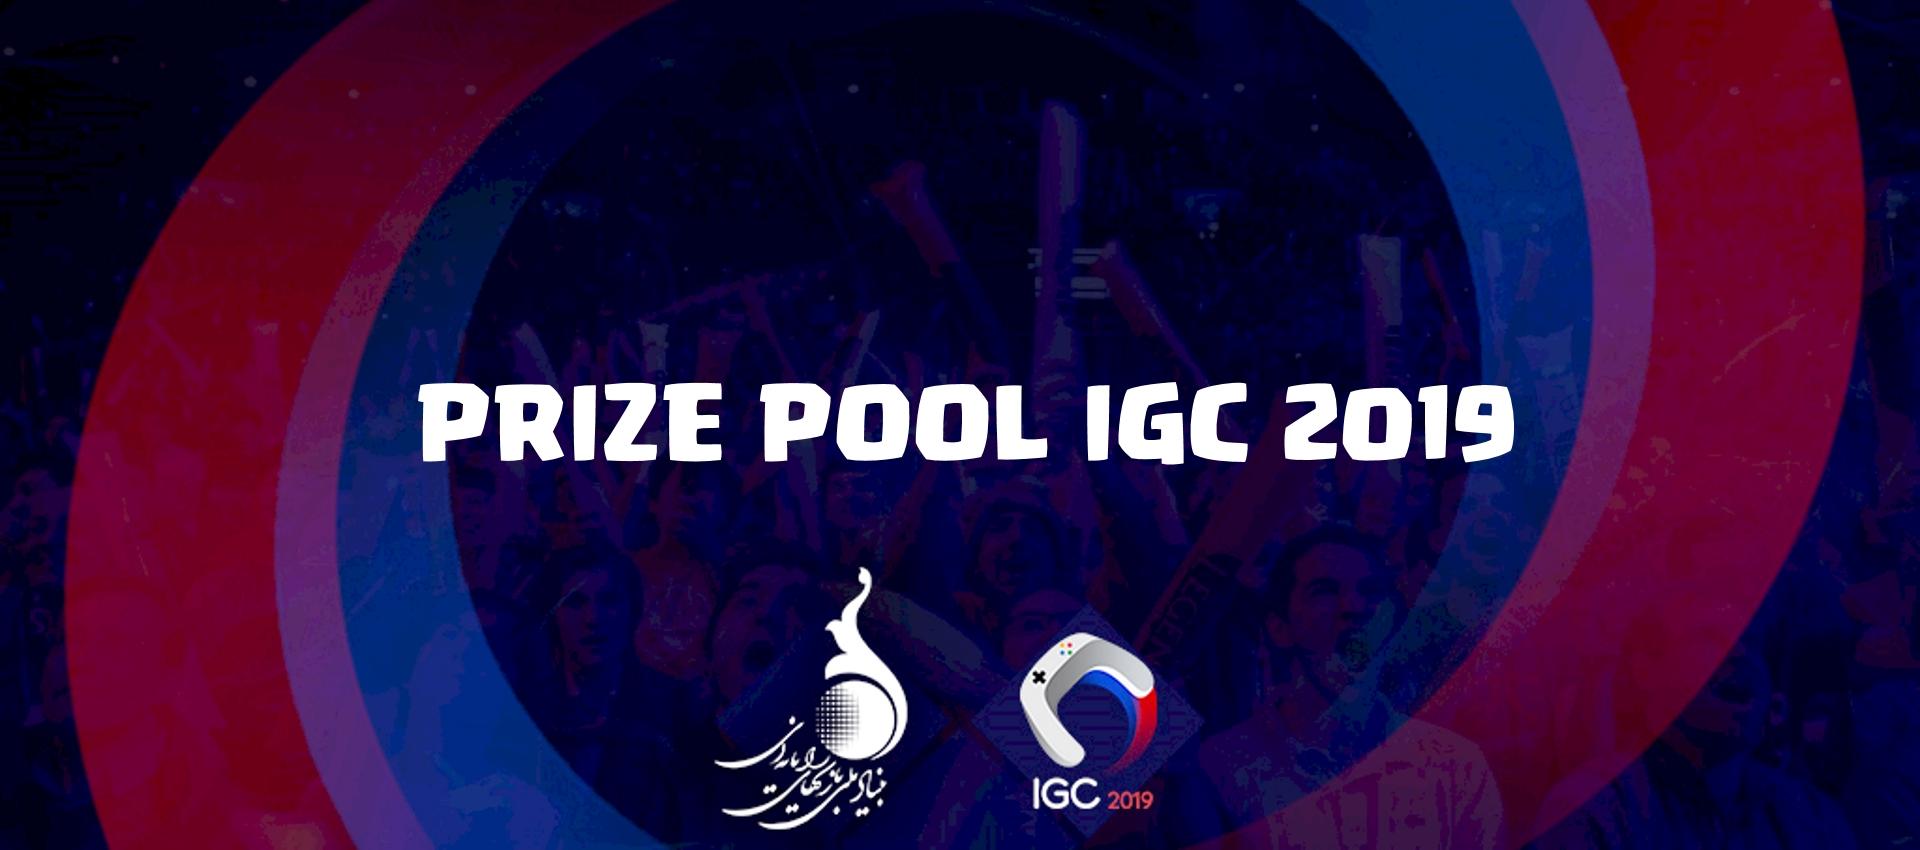 جوایز جام قهرمانان بازیهای ویدیویی ایران اعلام شد